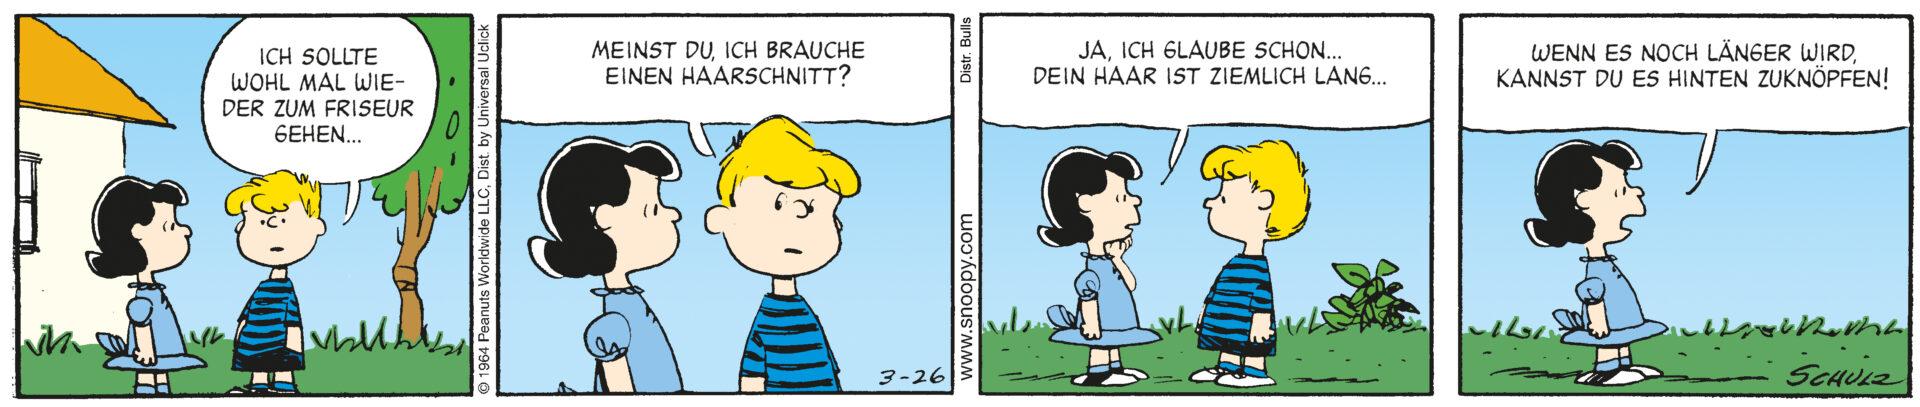 Peanuts d 2011-03-26 F